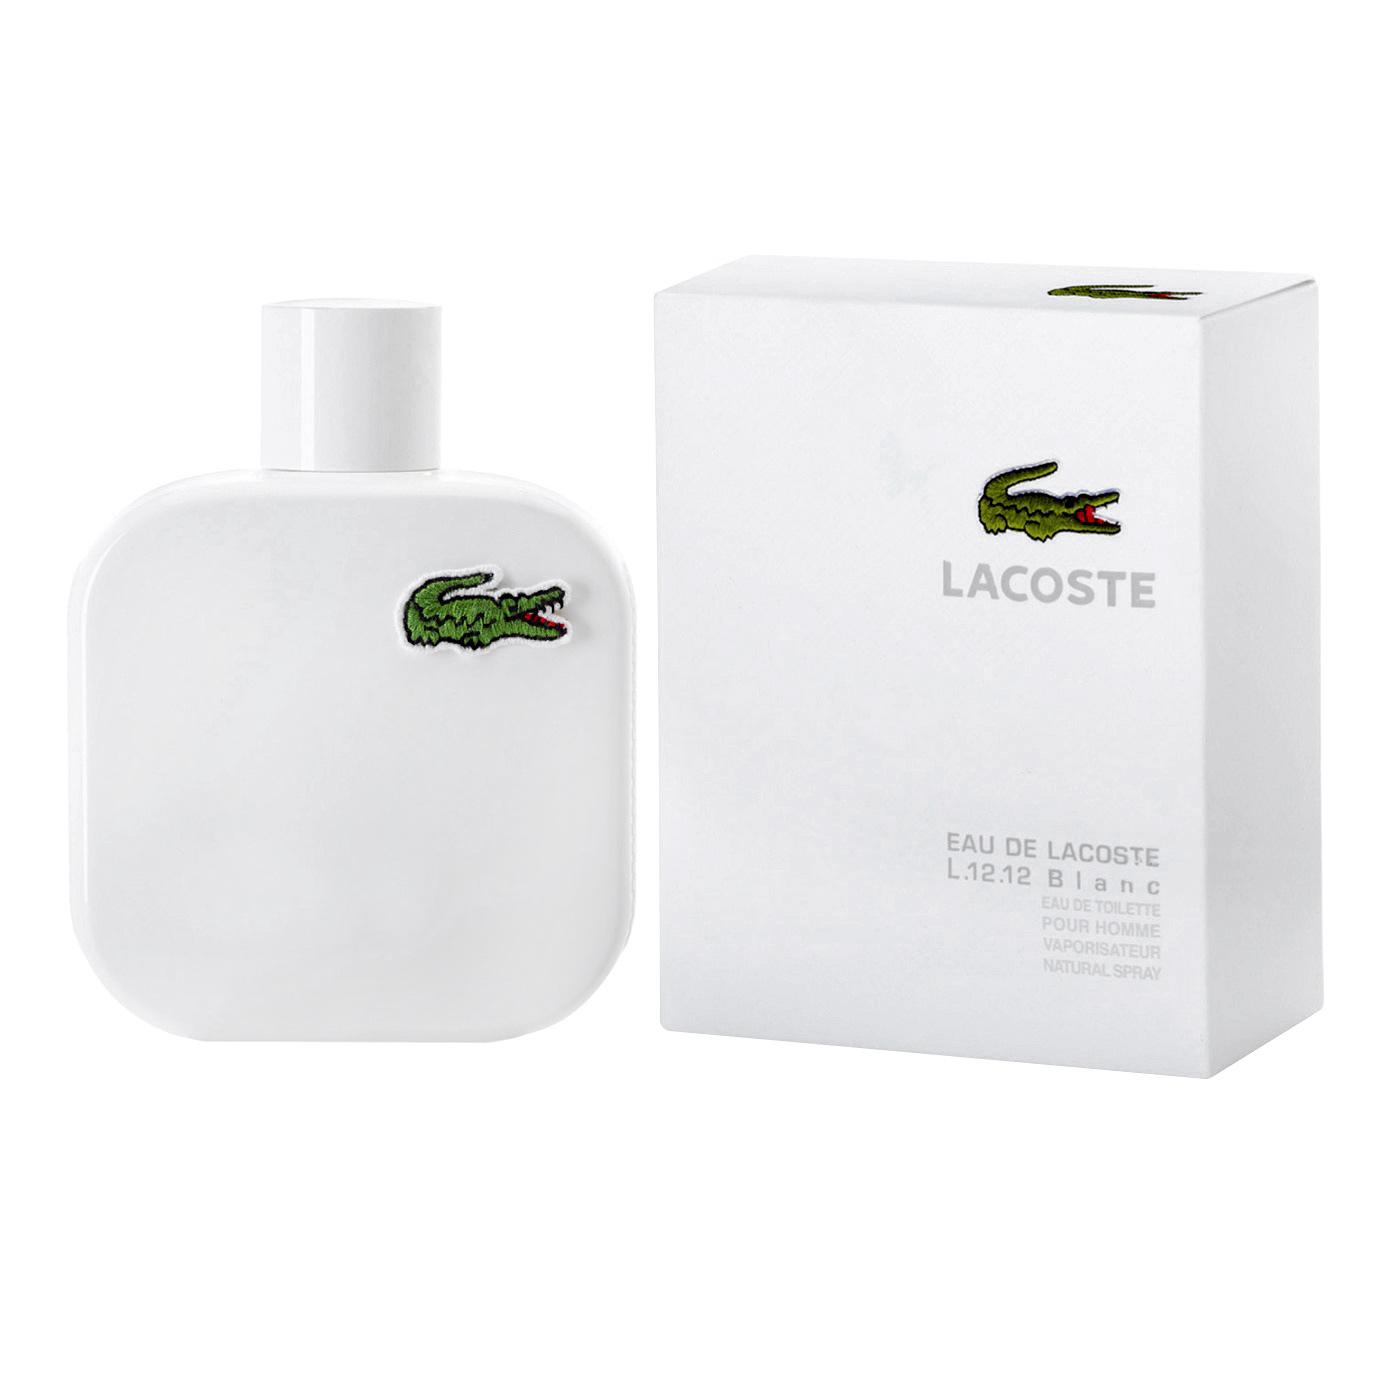 Lacoste Туалетная вода Eau de Lacoste L.12.12 Blanc, мужская, 50 мл0737052895956Аромат Чистый и освежающий, как белоснежно-белая рубашка поло. Аромат раскрывается свежими нотами грейпфрута и розмарина, окруженные аккордом туберозы в сердце. В базе – ноты кожи, ветивера и кедрового дерева, придающие композиции узнаваемую мужественность. Основные ноты в композиции: грейпфрут, розмарин, кардамон, хвоя кедра, тубероза, иланг-иланг, смола олибанум, кедр, ветивер. История Созданная Рене Лакостом в 1920-х годах, рубашка поло LACOSTE L.12.12 ознаменовала рождение современной спортивной одежды и приобрела популярность далеко за пределами корта. L.12.12 – это L – LACOSTE, 1 – уникальная ткань (хлопок пике), 2 – короткий рукав, 12 – номер модели, которую выбрал и утвердил Рене Лакост. Туалетная вода - один из самых популярных видов парфюмерной продукции. Туалетная вода содержит 4-10% парфюмерного экстракта. Главные достоинства данного типа продукции заключаются в доступной цене, разнообразии форматов (как правило, 30, 50, 75, 100...